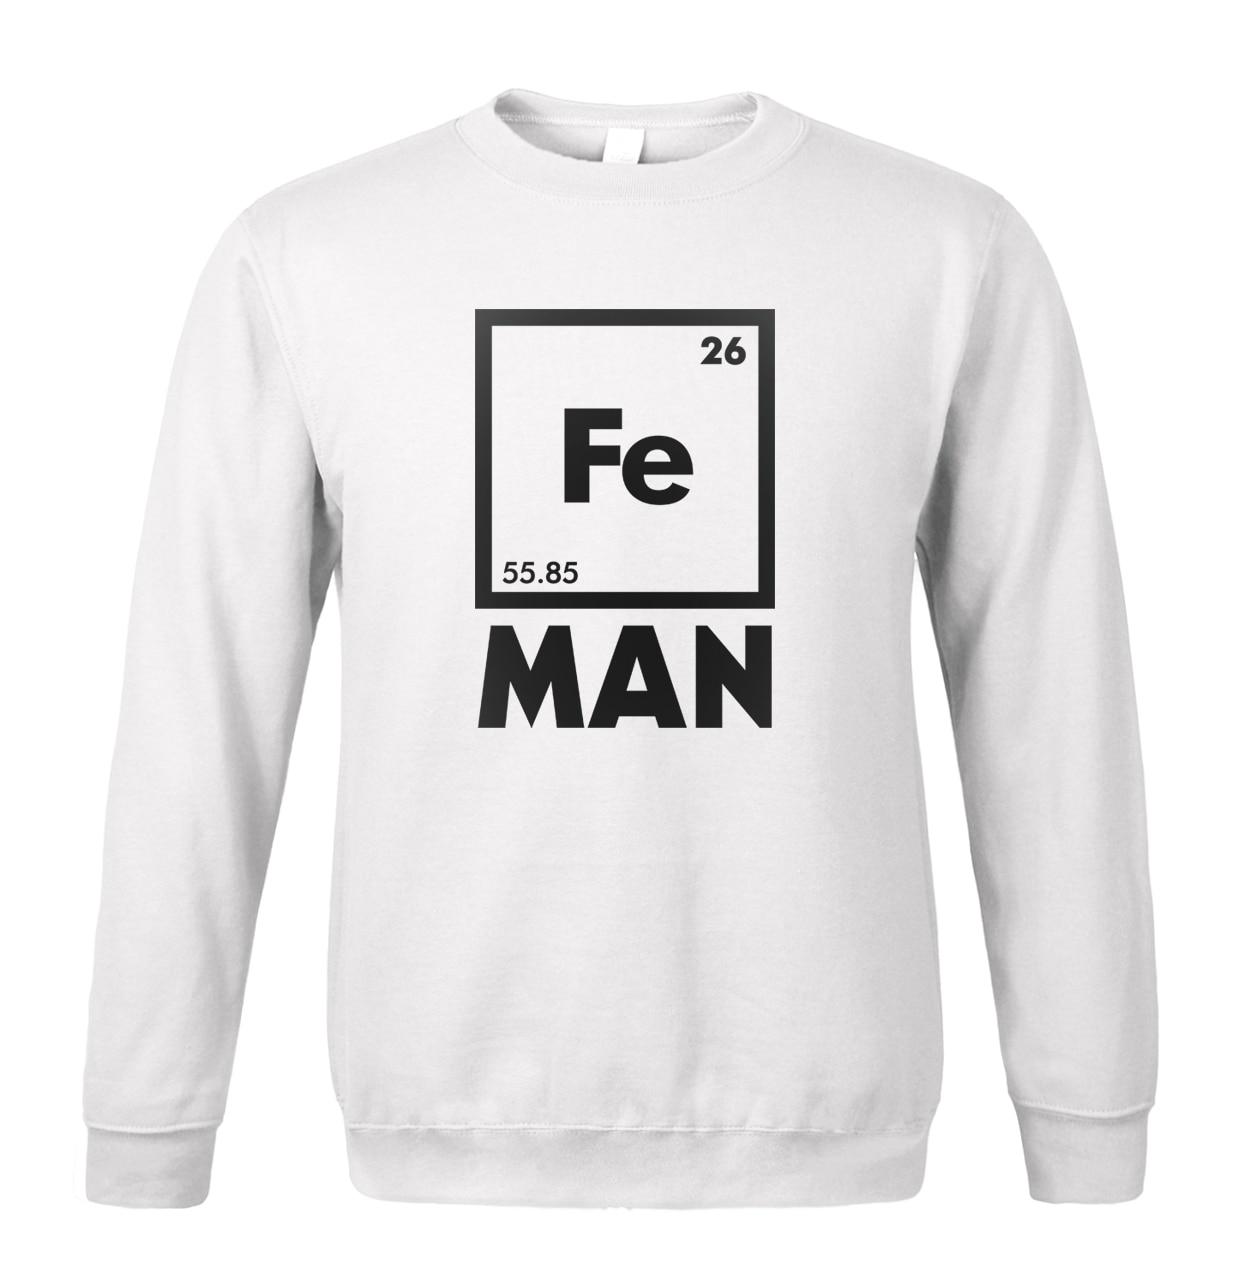 taille 40 5e0e4 a9302 € 8.01 38% de réduction 2019 nouveau printemps hiver fer Science sweat  drôle chimie périodique Table hommes hoodies mode lâche polaire survêtement  ...